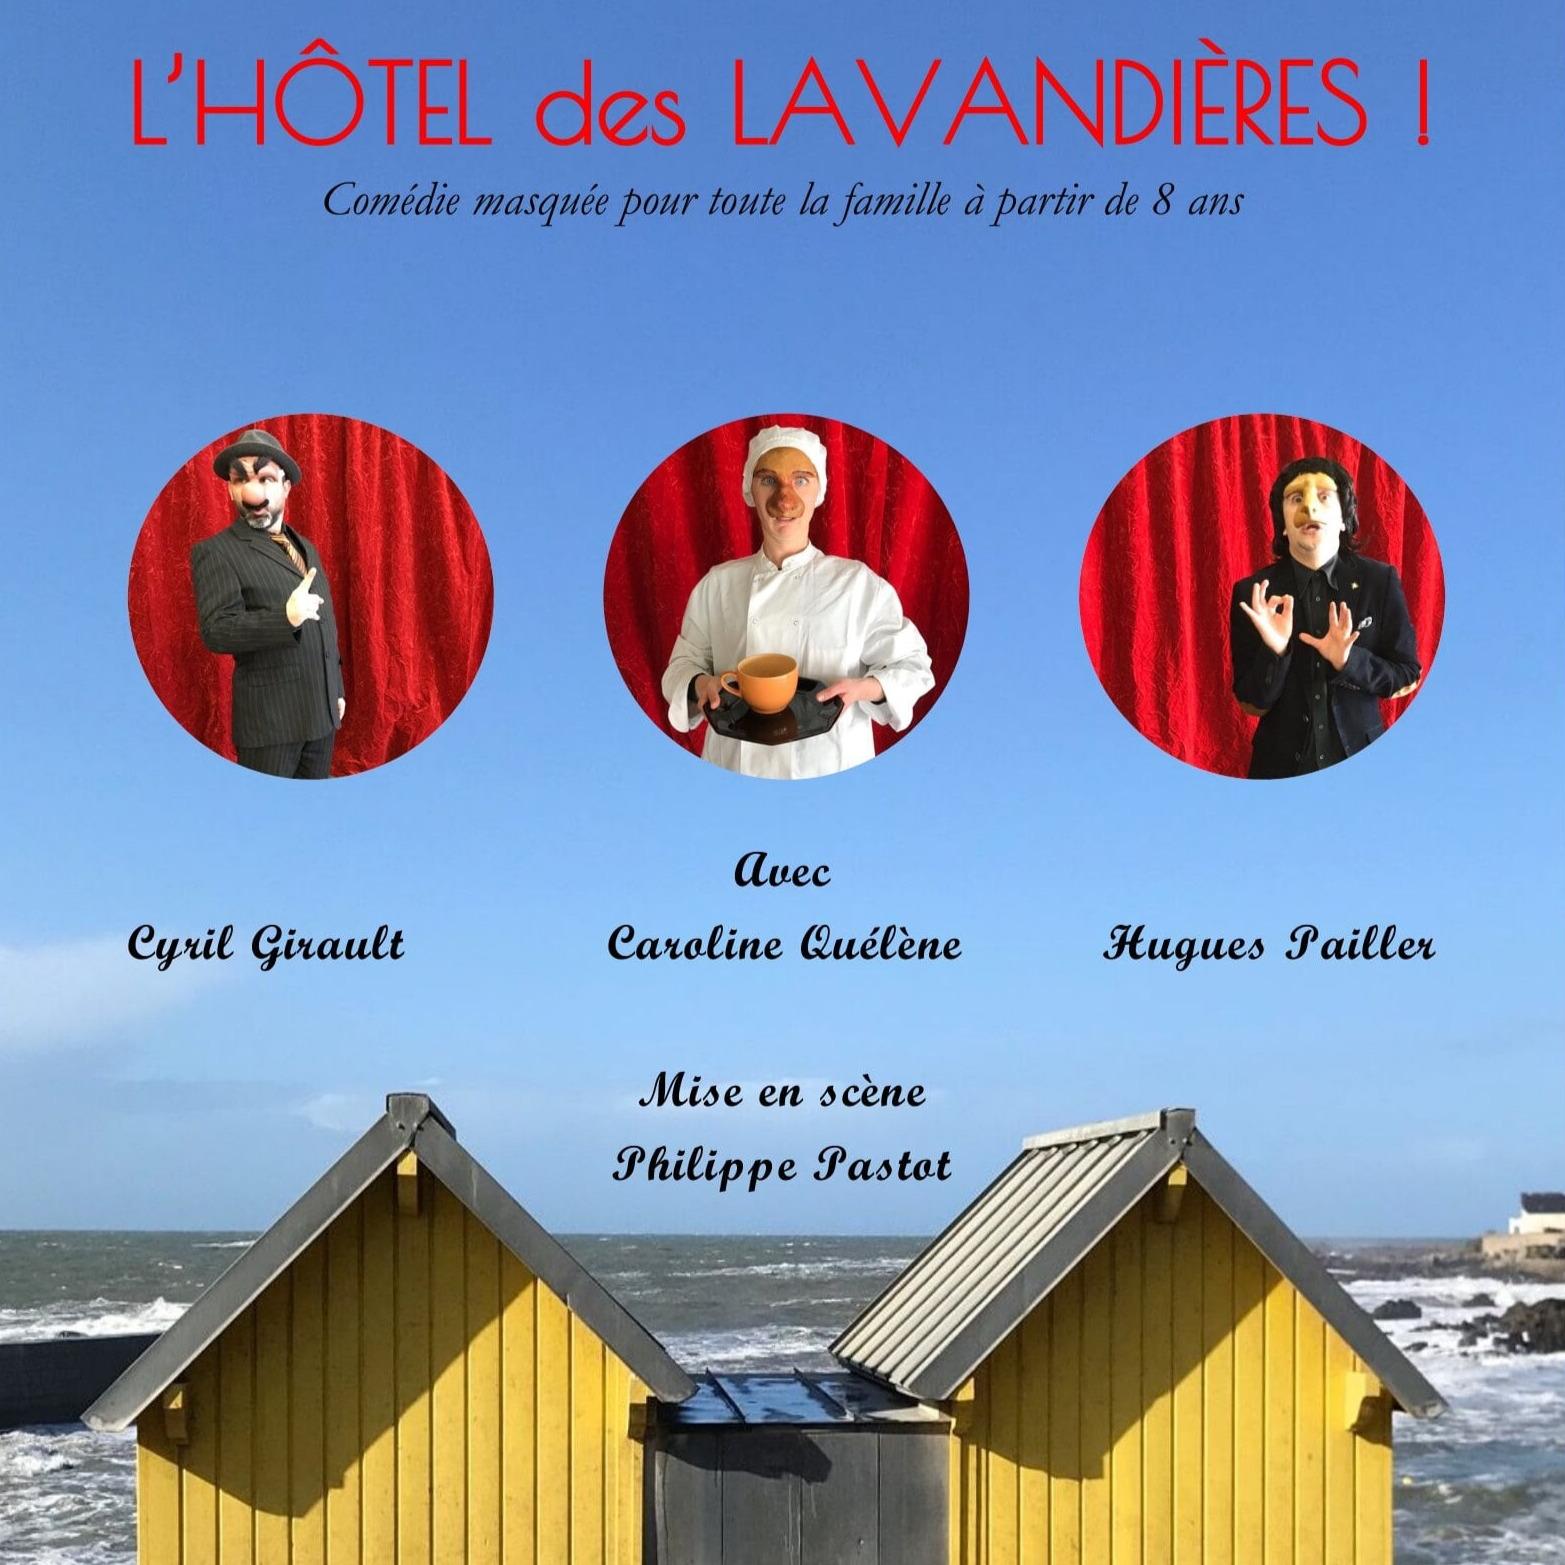 L'hôtel des Lavandières